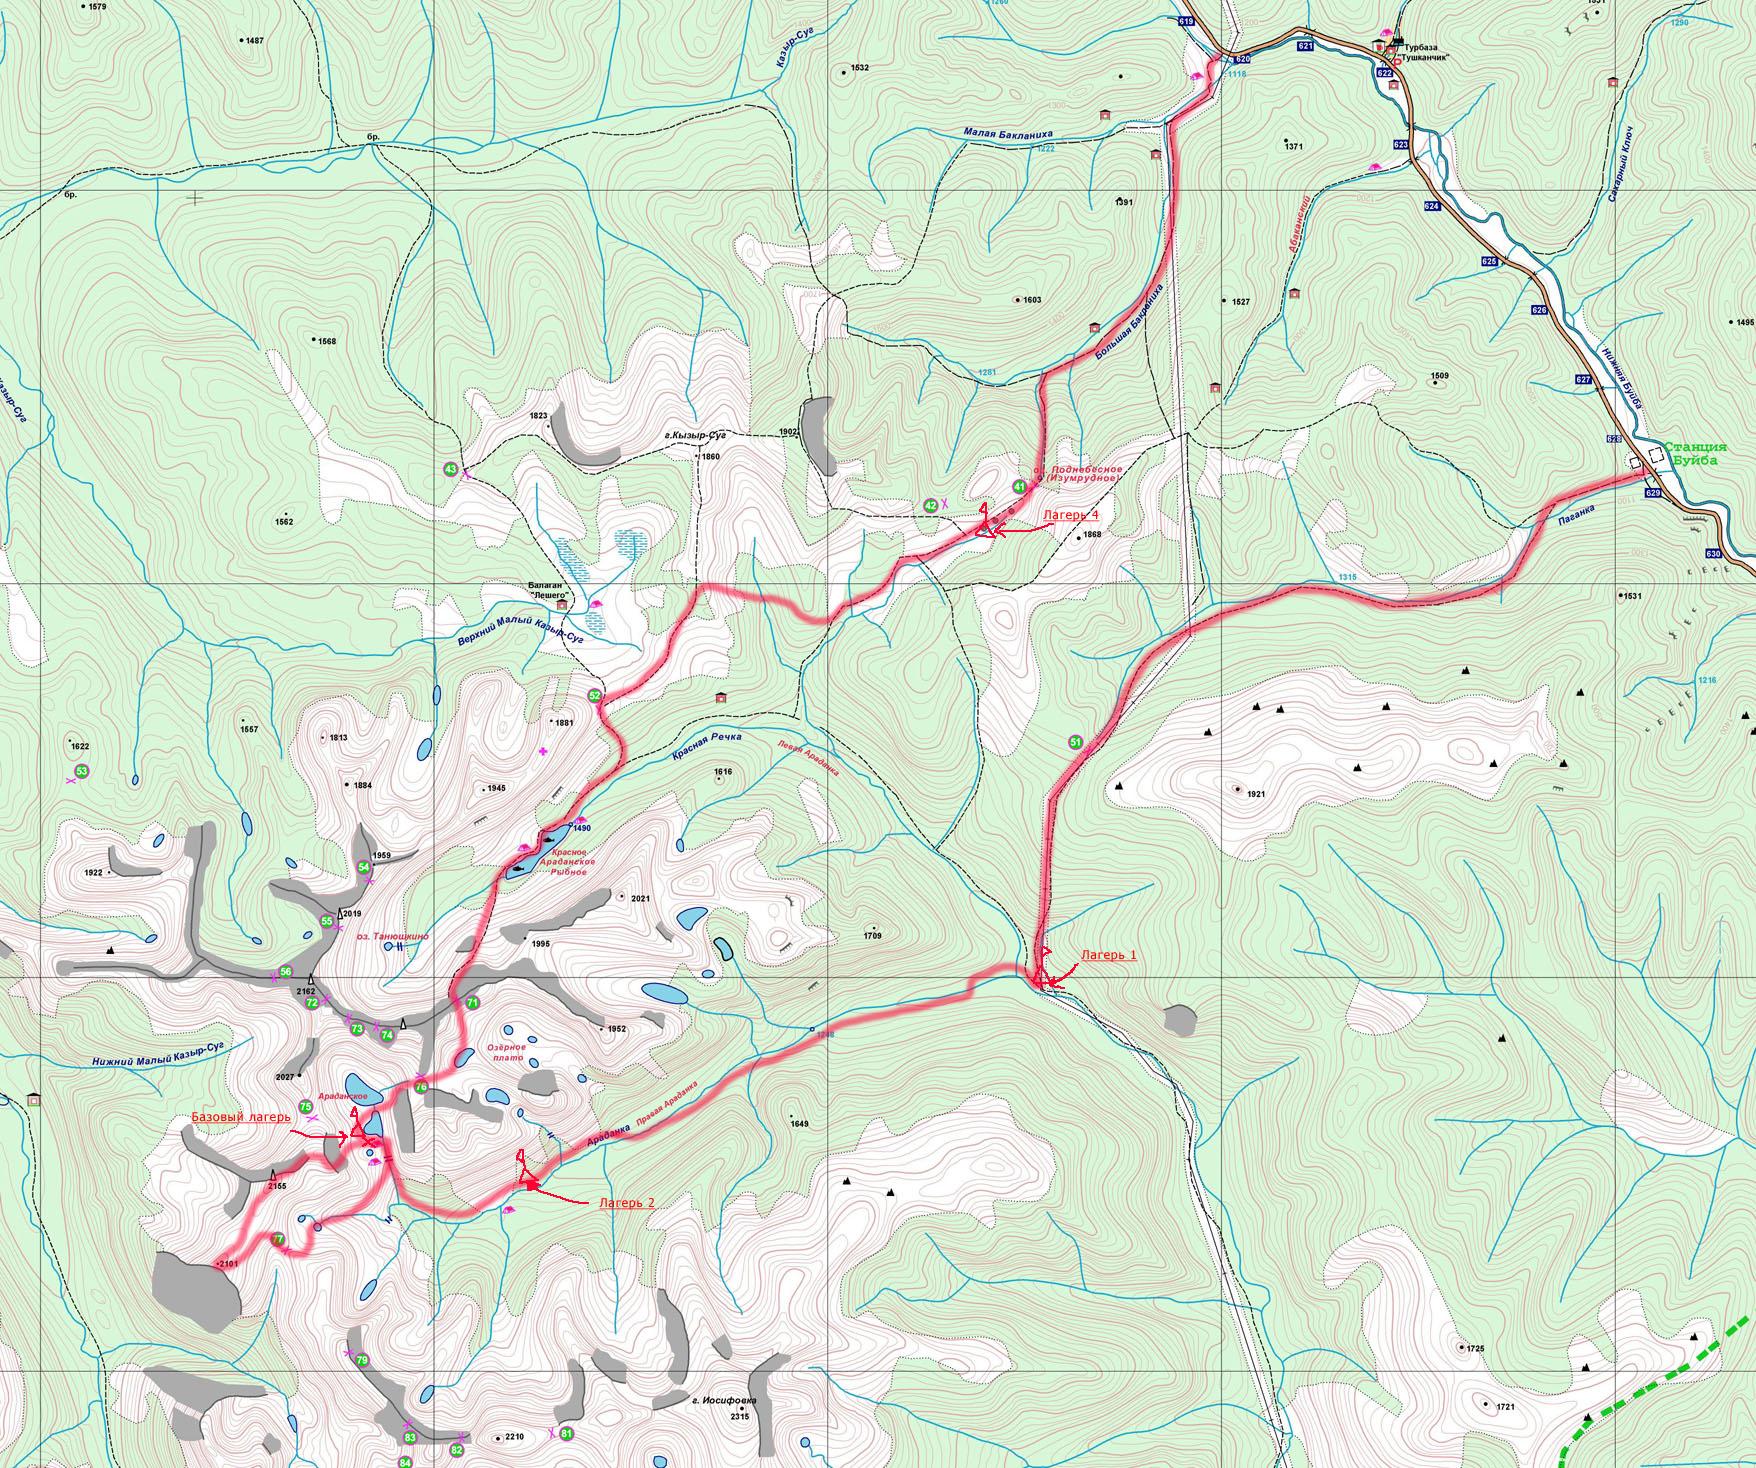 схема маршрута пешего похода